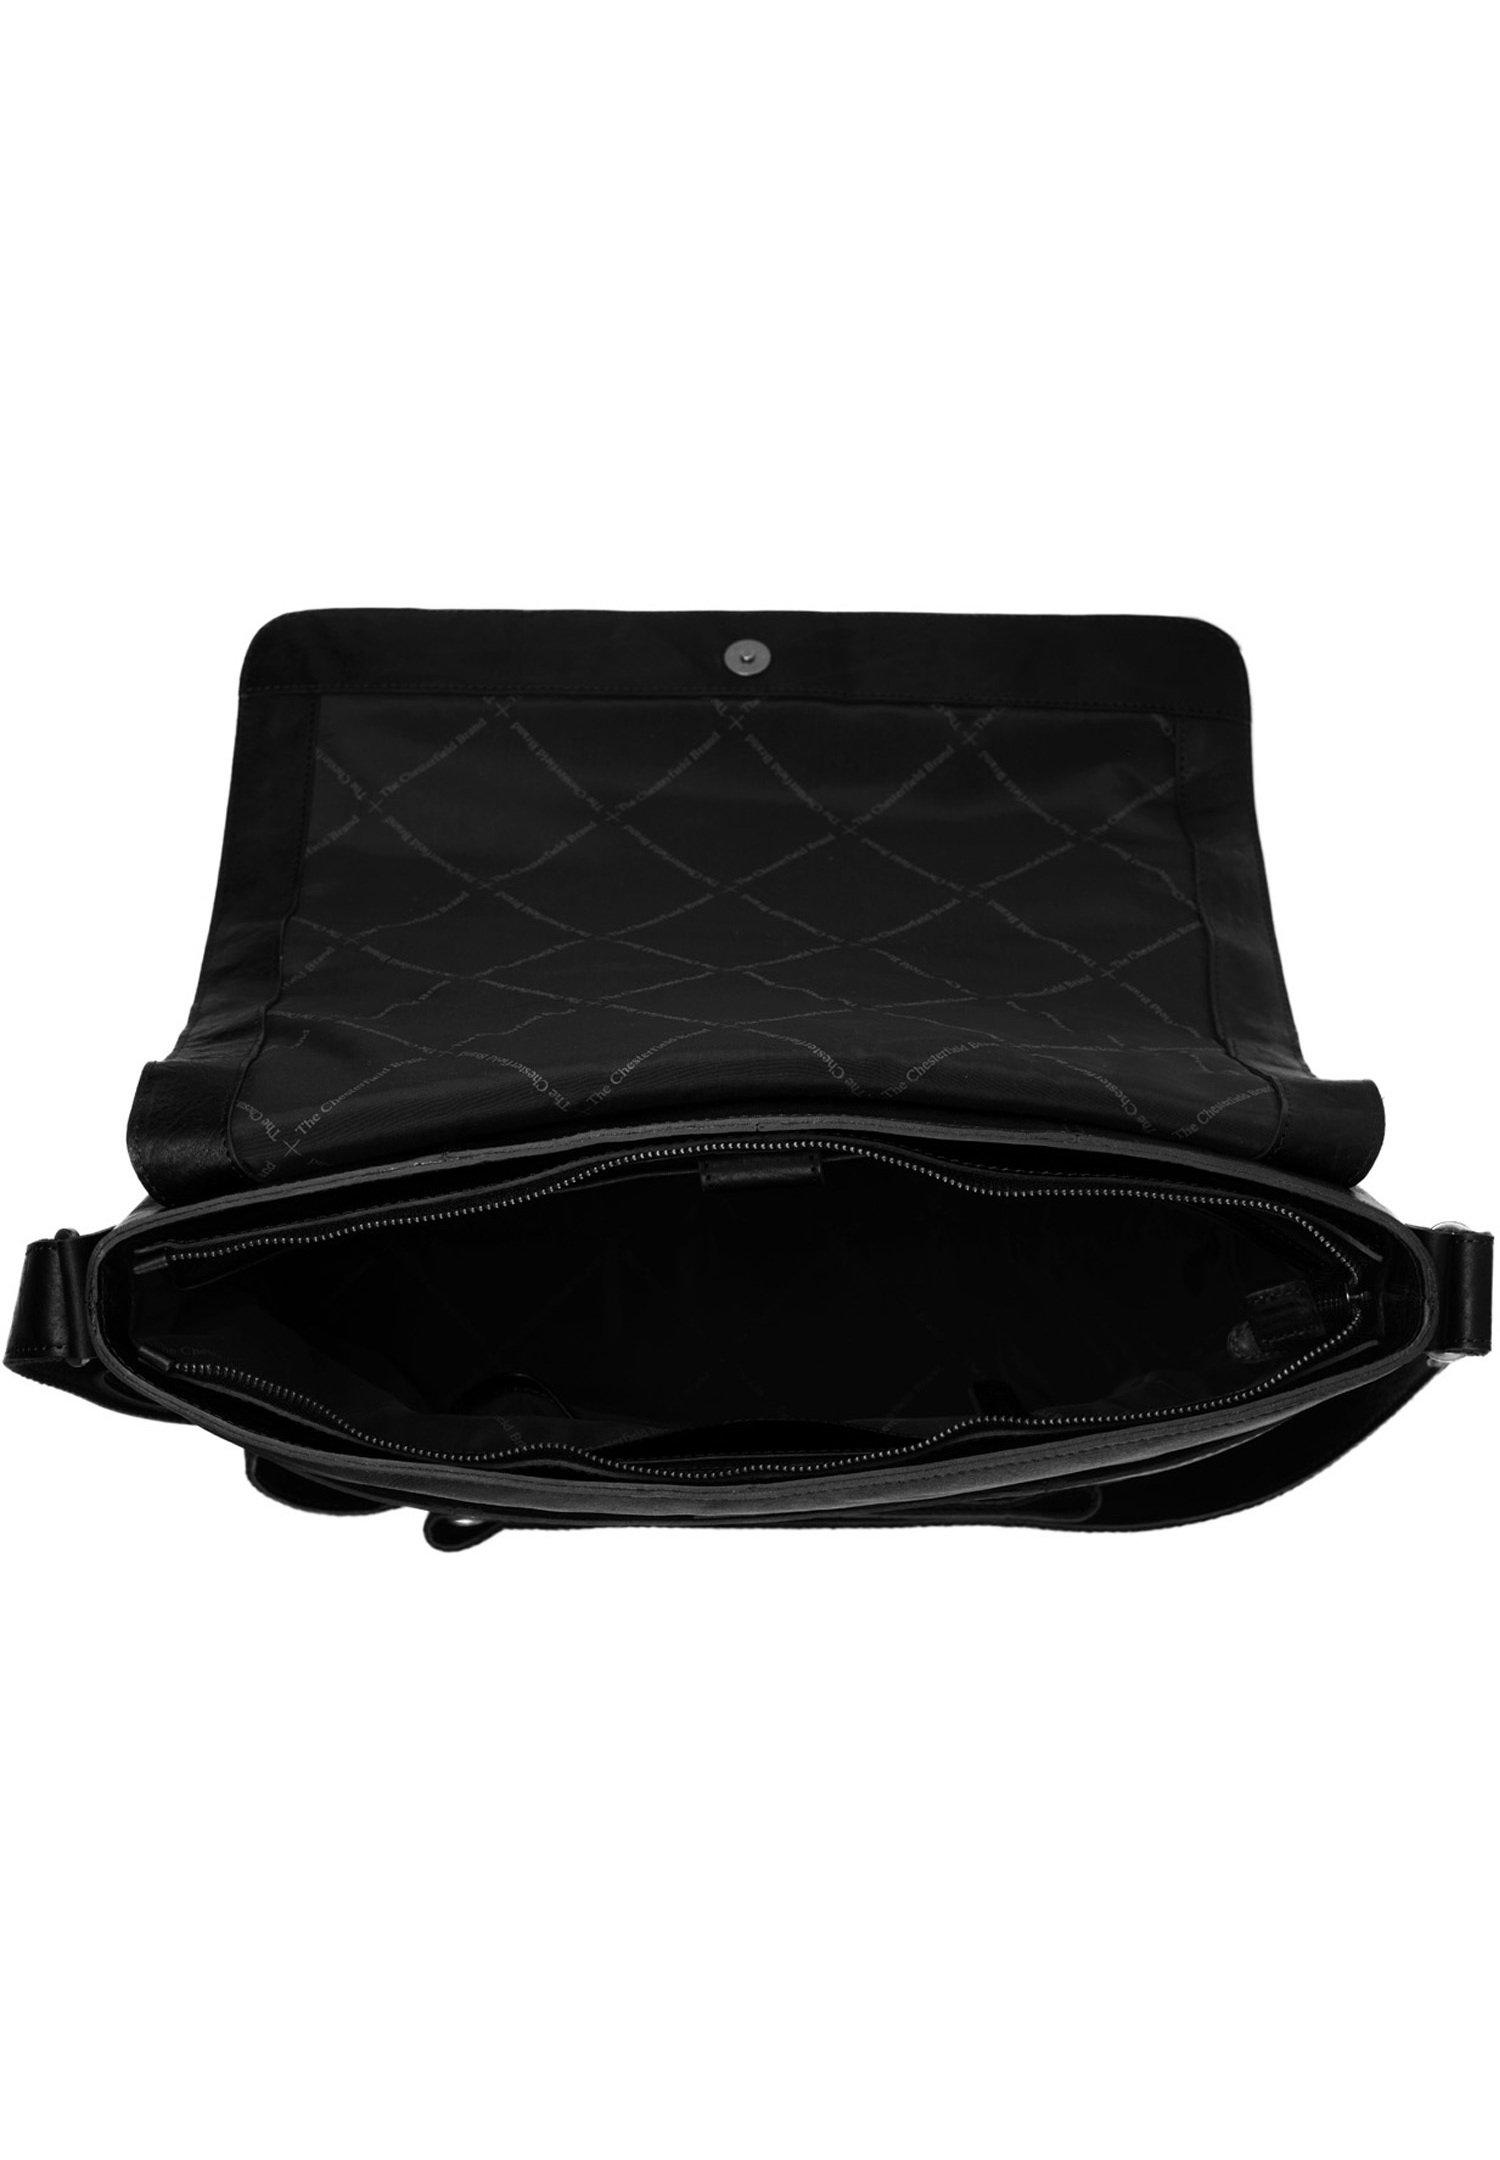 The Chesterfield Brand Notebooktasche - schwarz - Herrentaschen cWCFQ